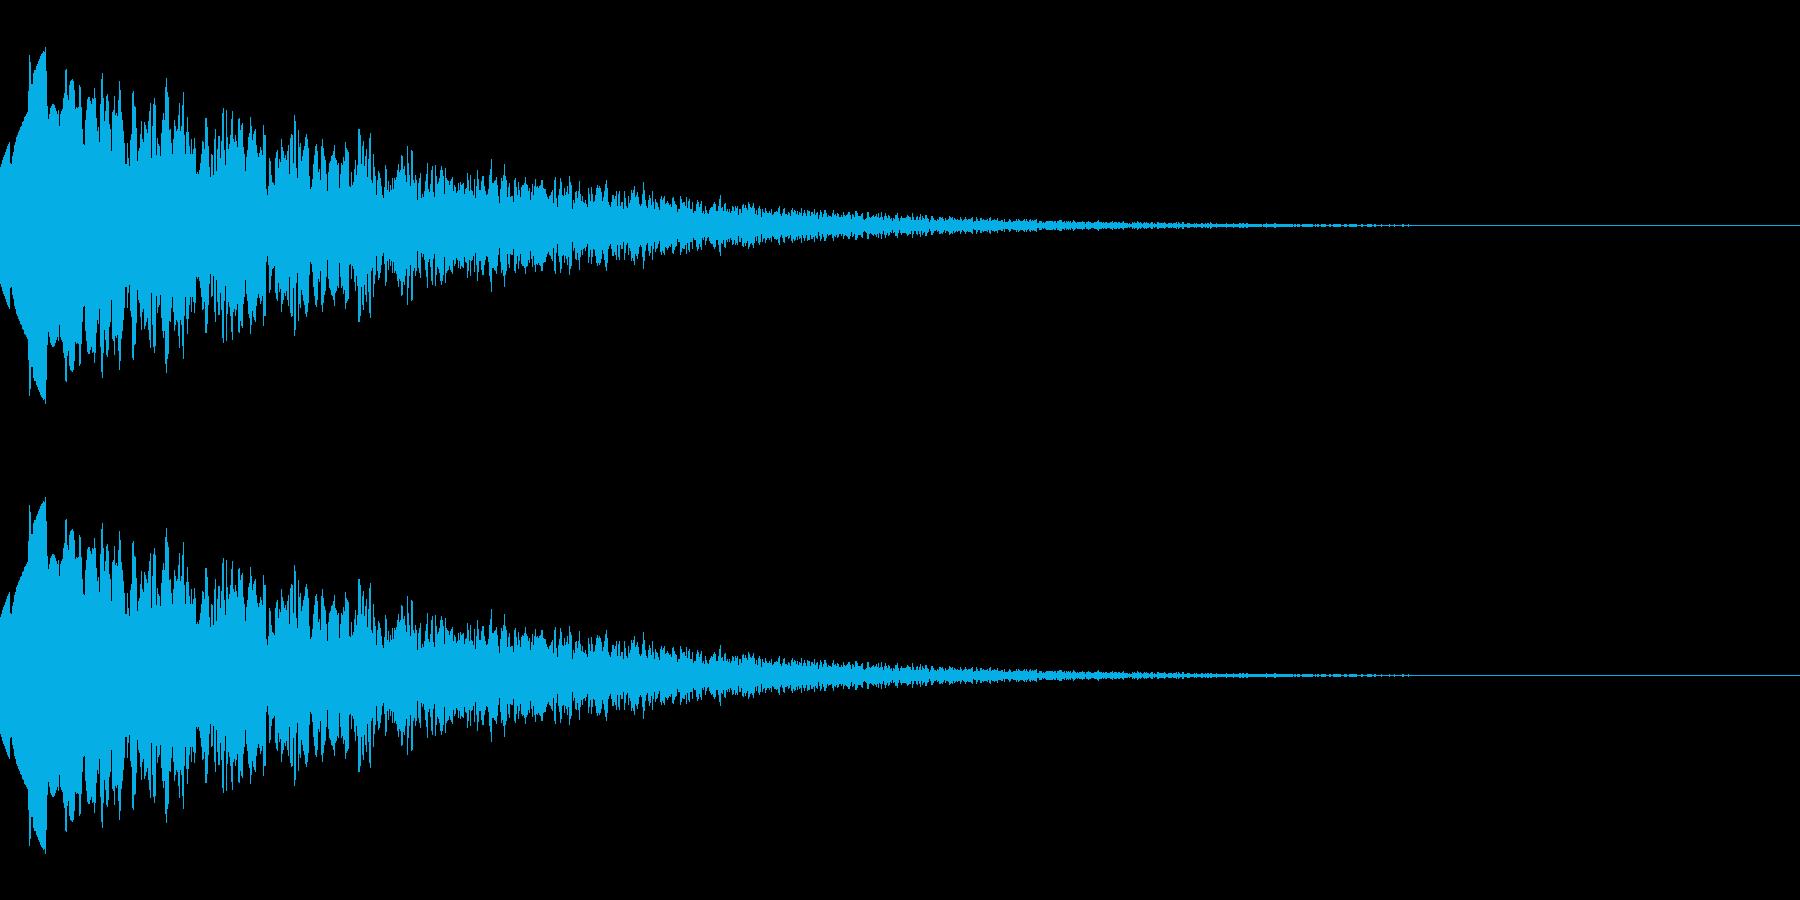 上昇するようなキラキラ音(経験値/能力)の再生済みの波形